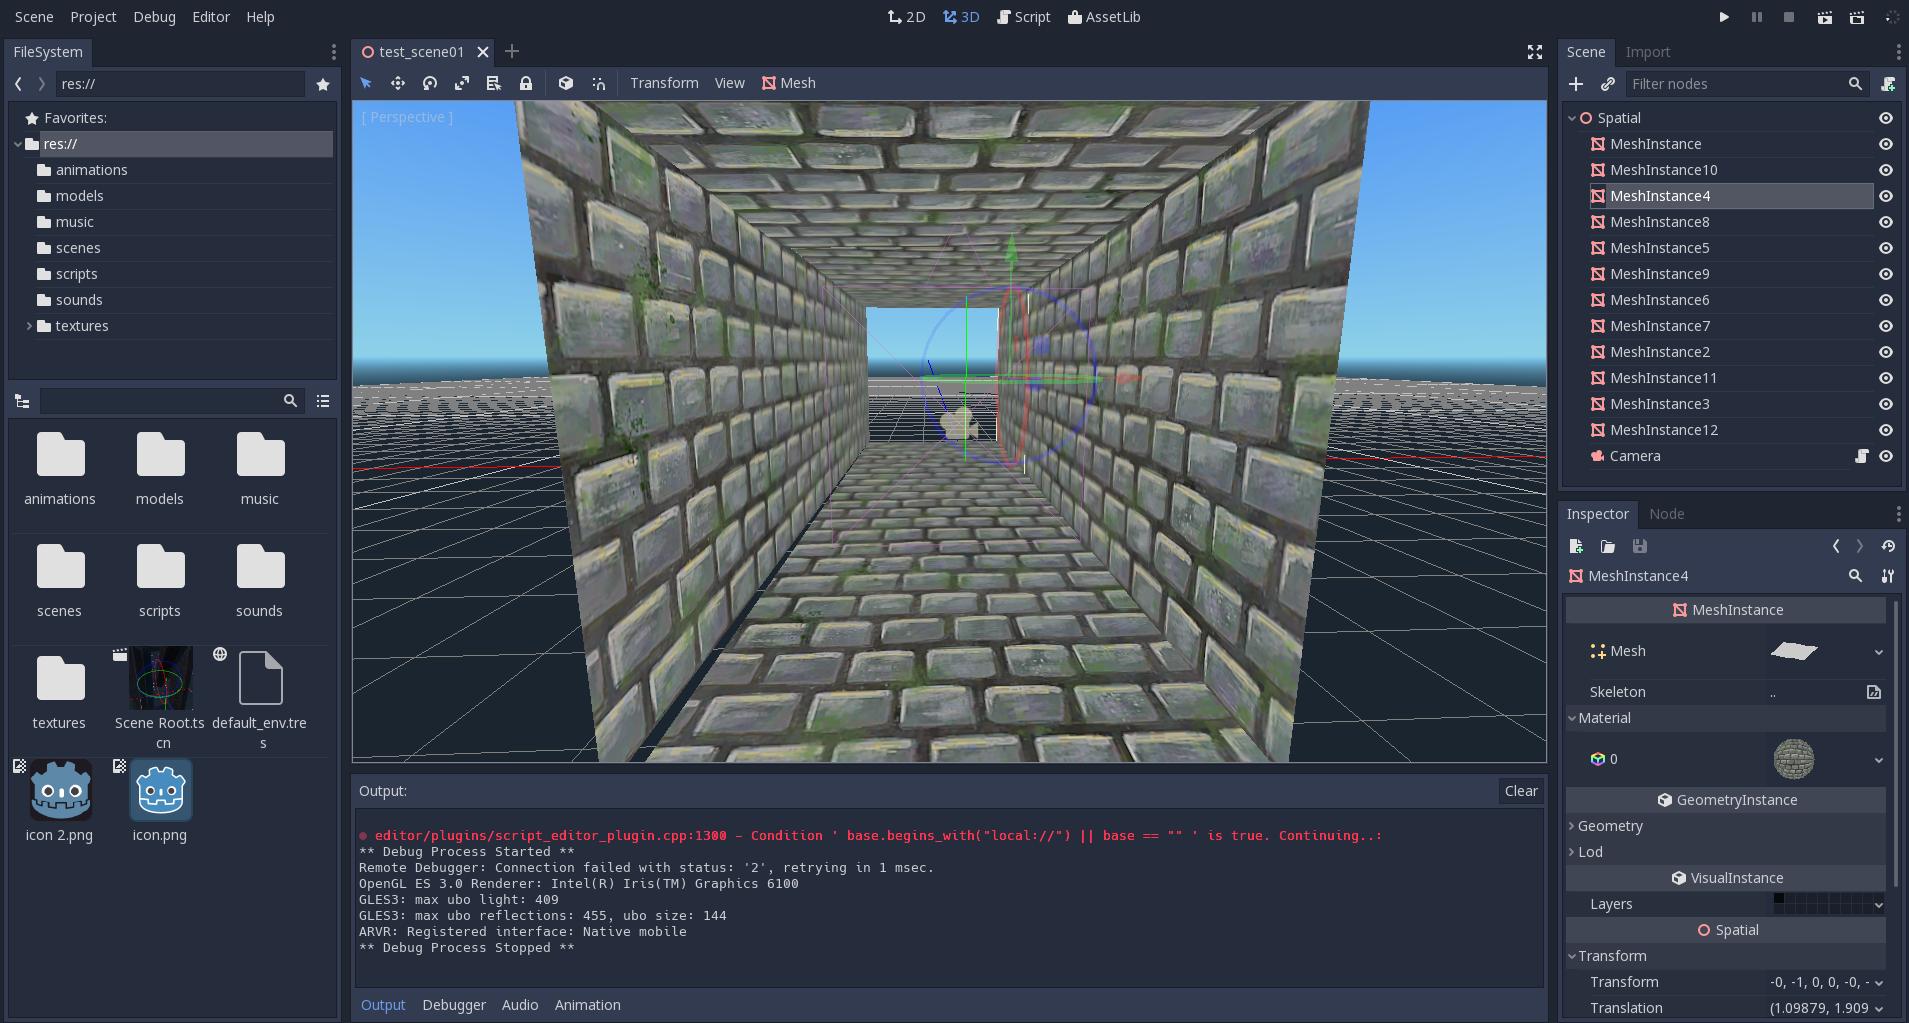 Godot 3 Tiled Movement Script | OpenGameArt org